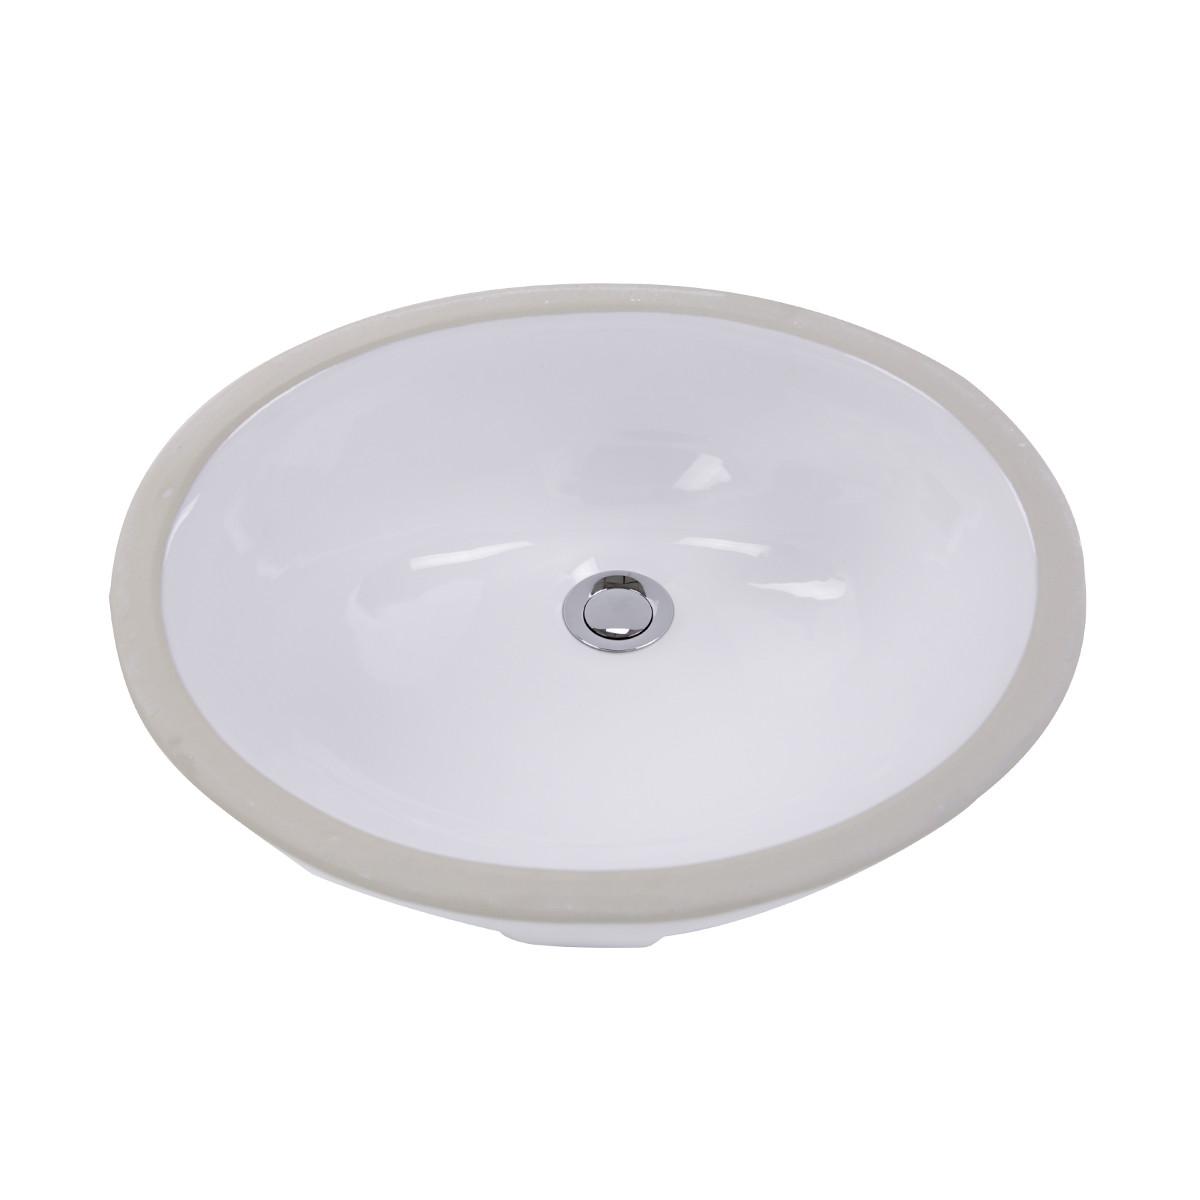 Nantucket Sinks GB-17x14-W Glazed Bottom Undermount Ceramic Sink In Whit